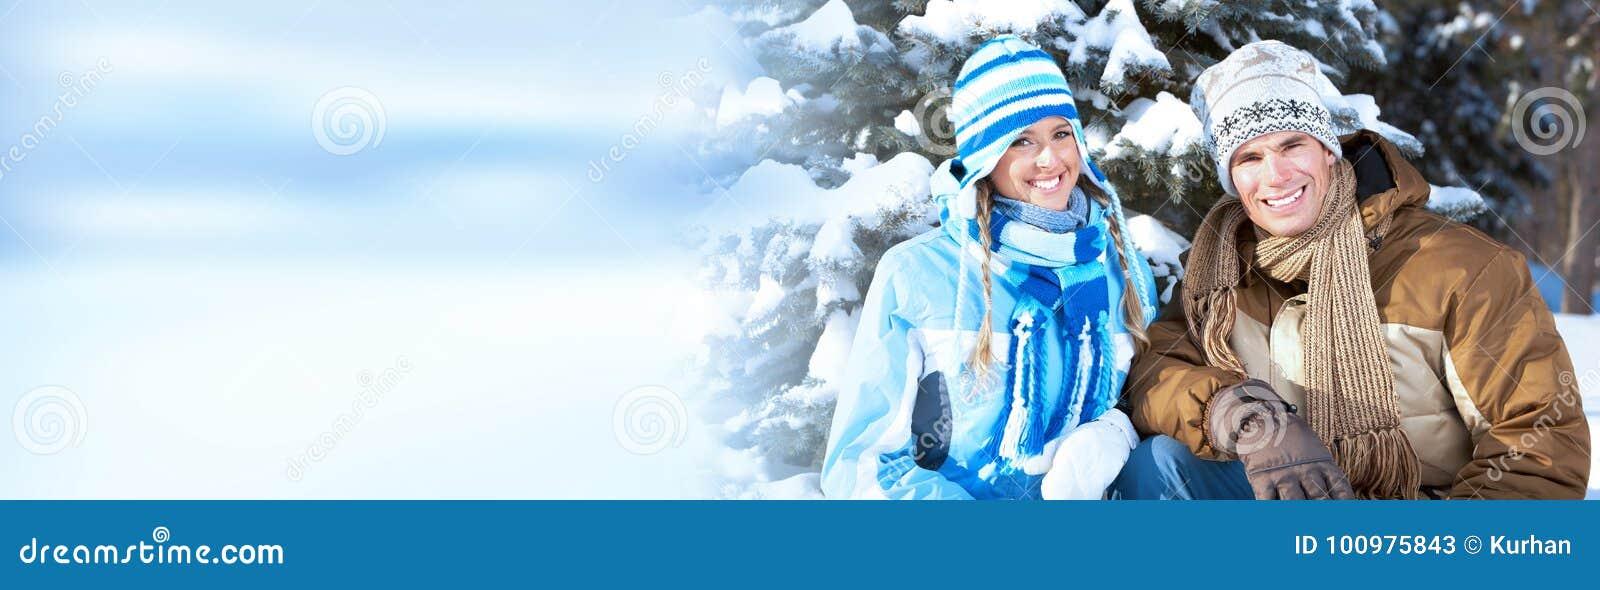 Ζεύγος χειμερινών Χριστουγέννων